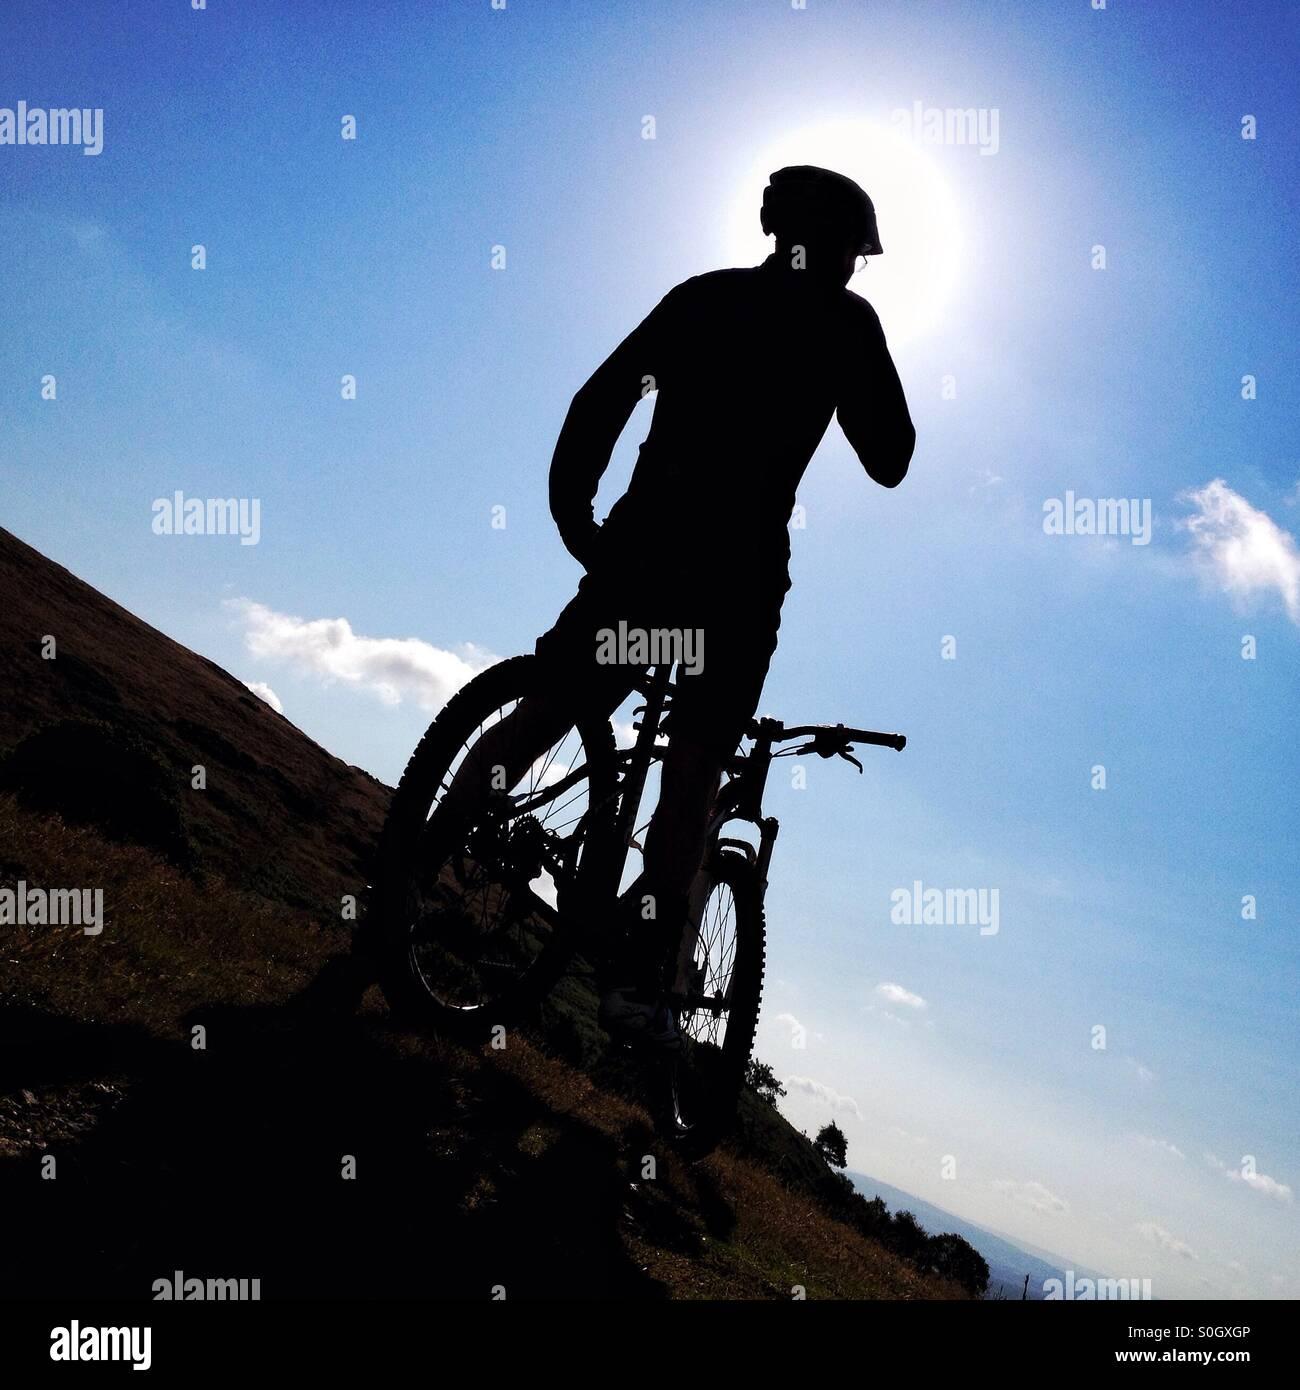 Silueta de hombre con bicicleta de montaña Imagen De Stock